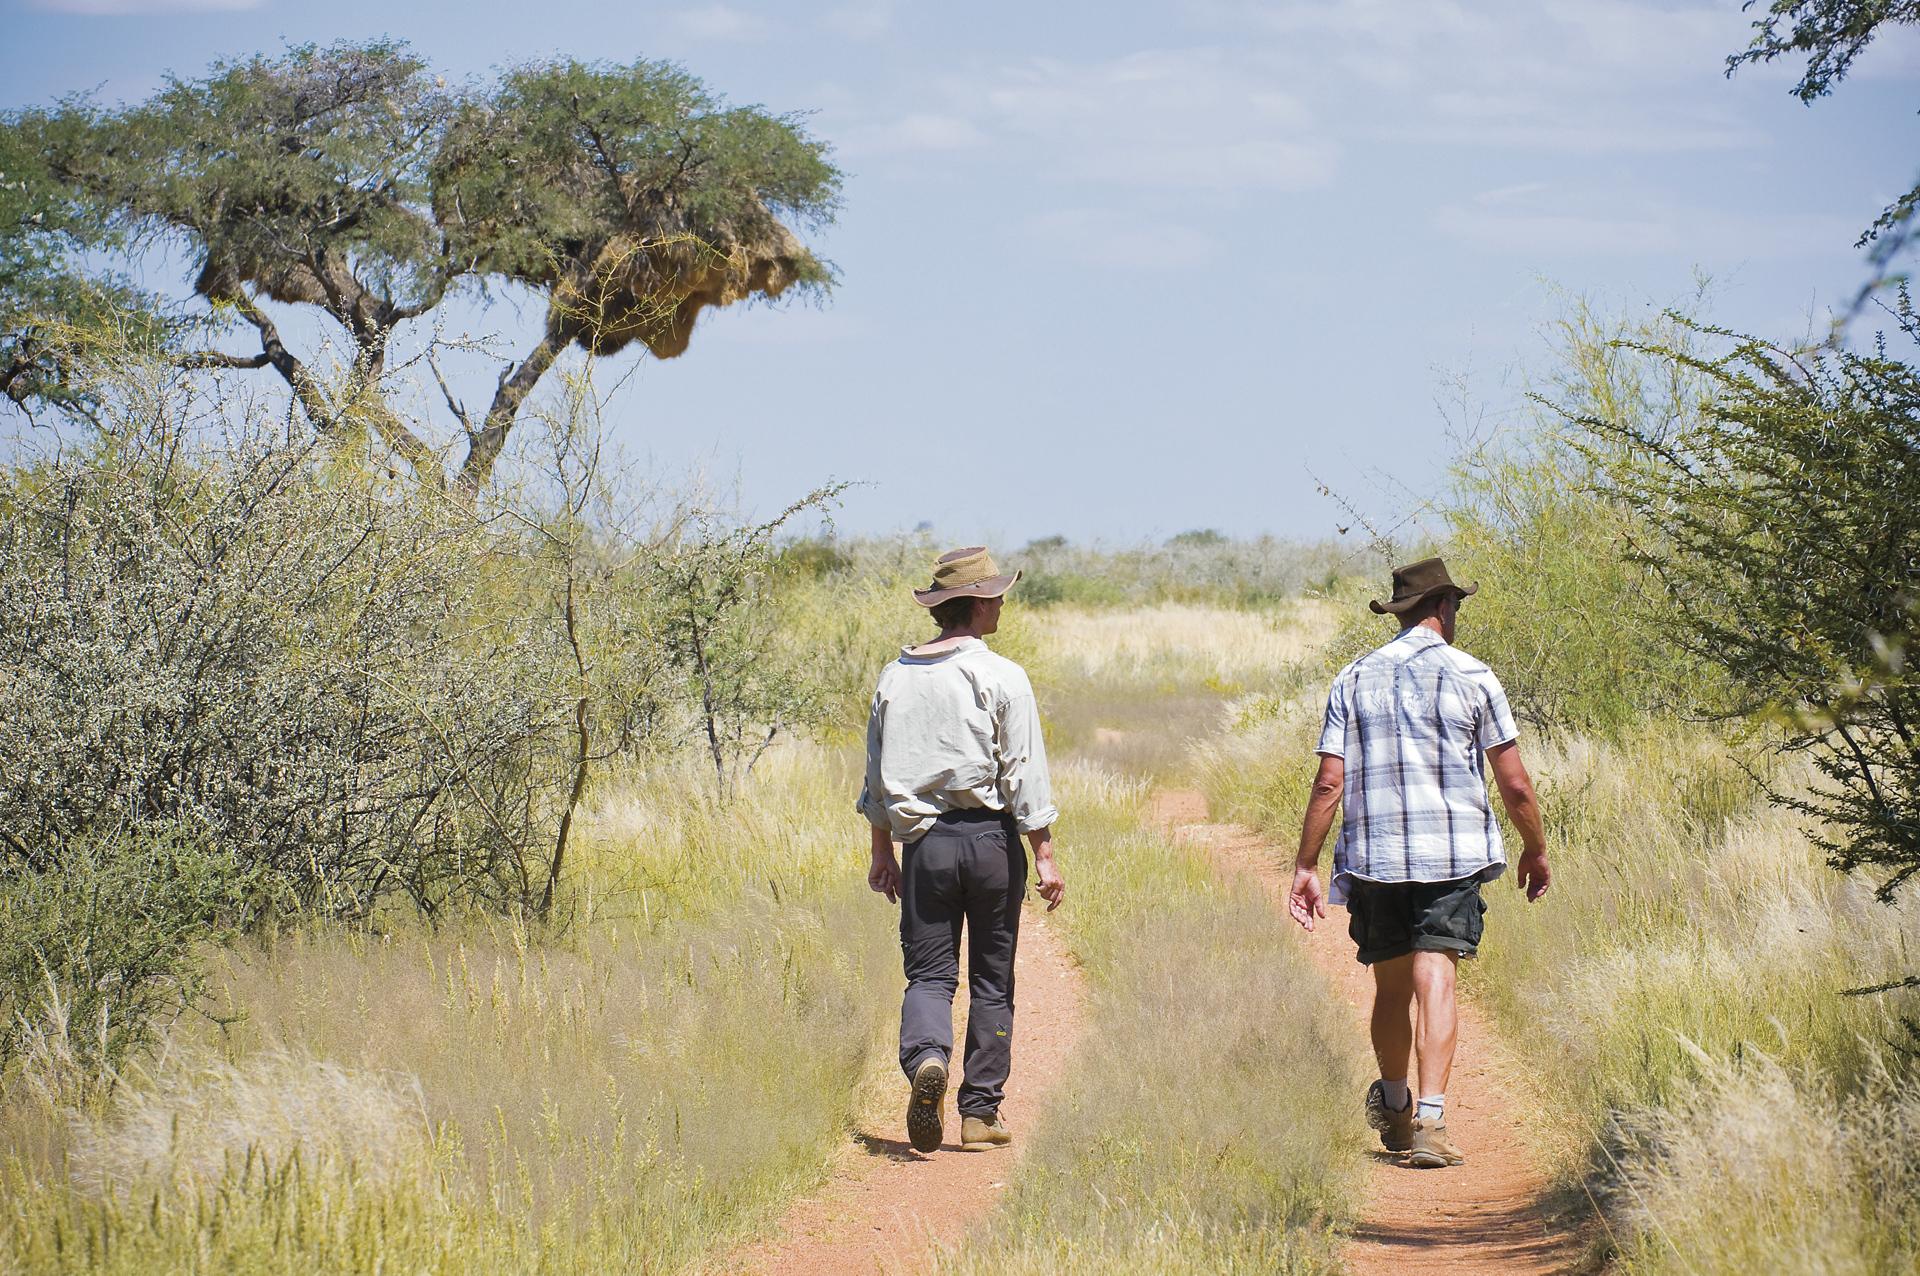 Zu Fuß die Kalahari erleben